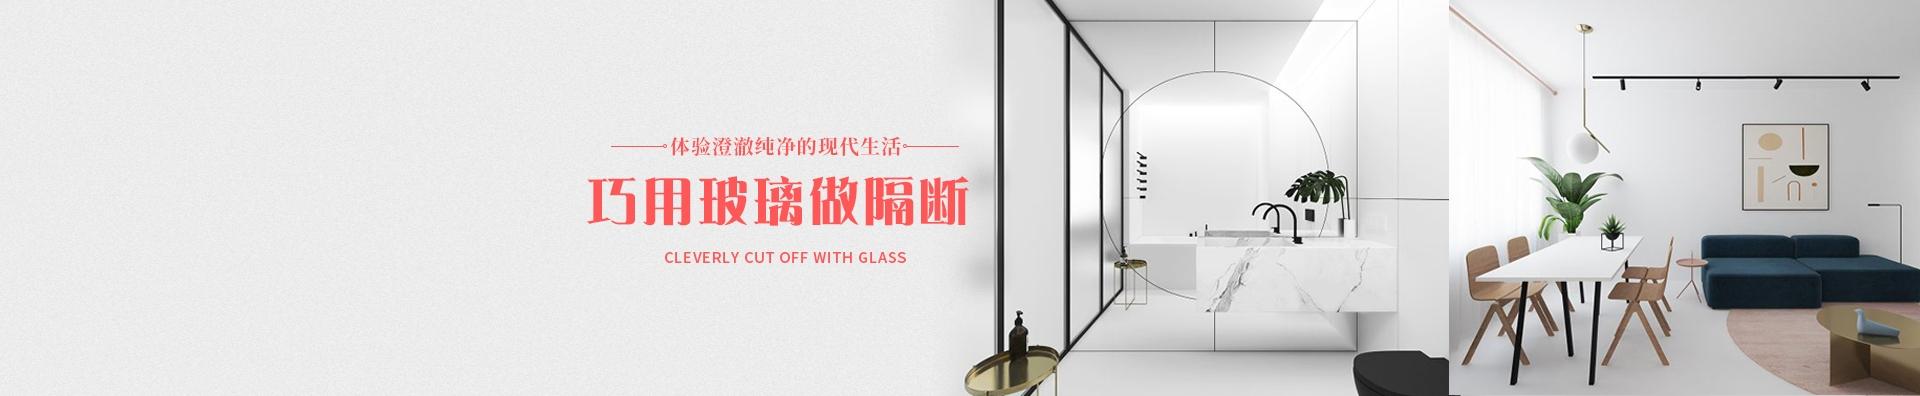 巧用玻璃做隔断